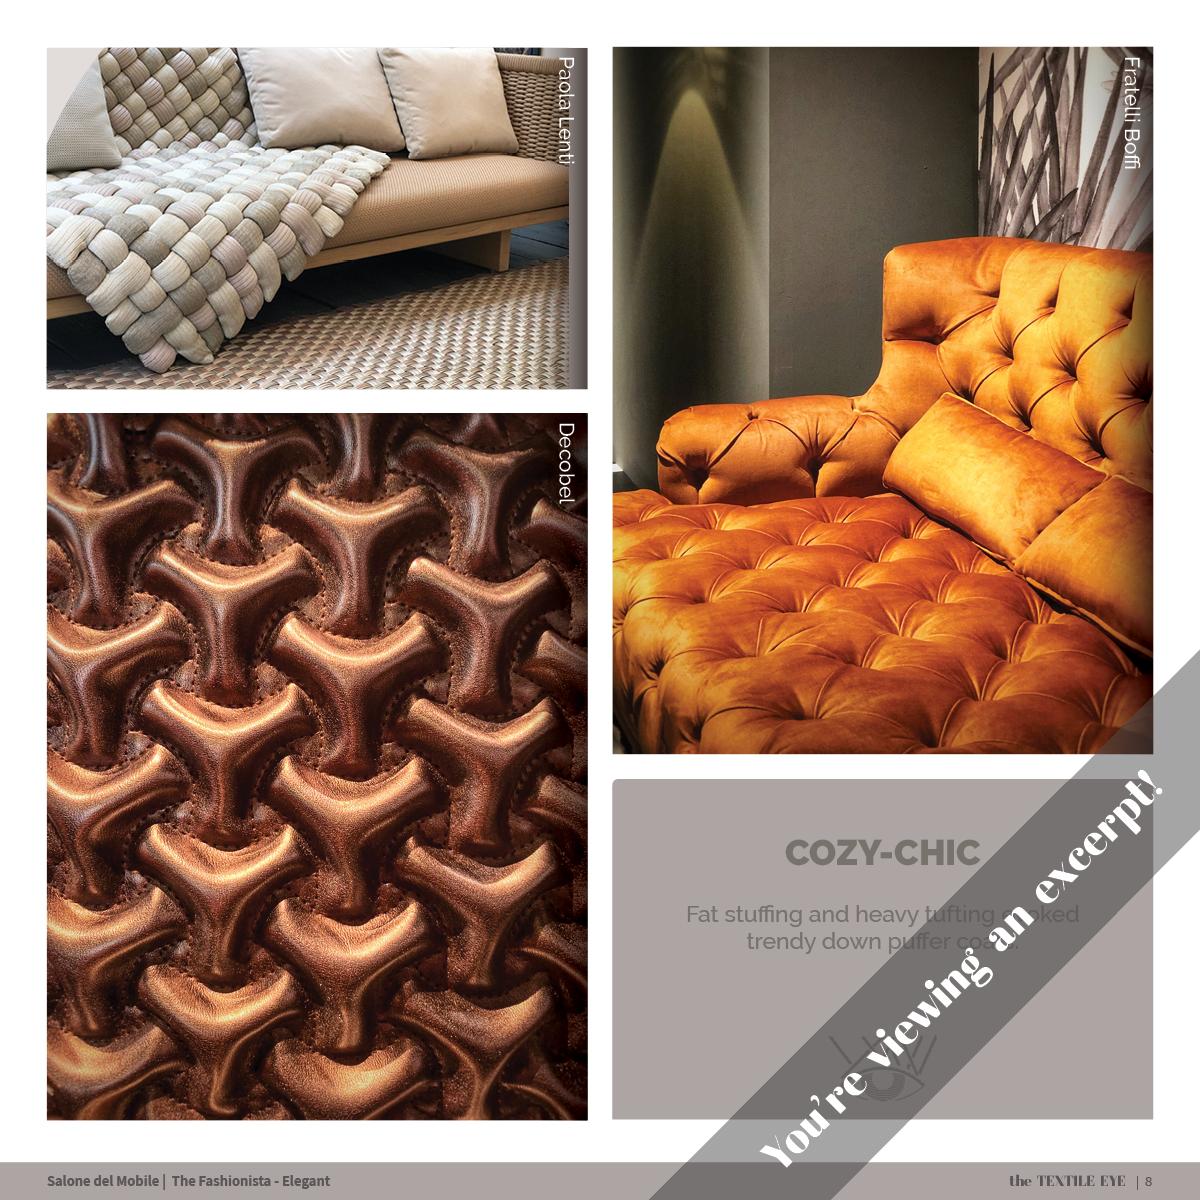 The Textile Eye Issue 2 Summer 19 Excerpt LR8.jpg